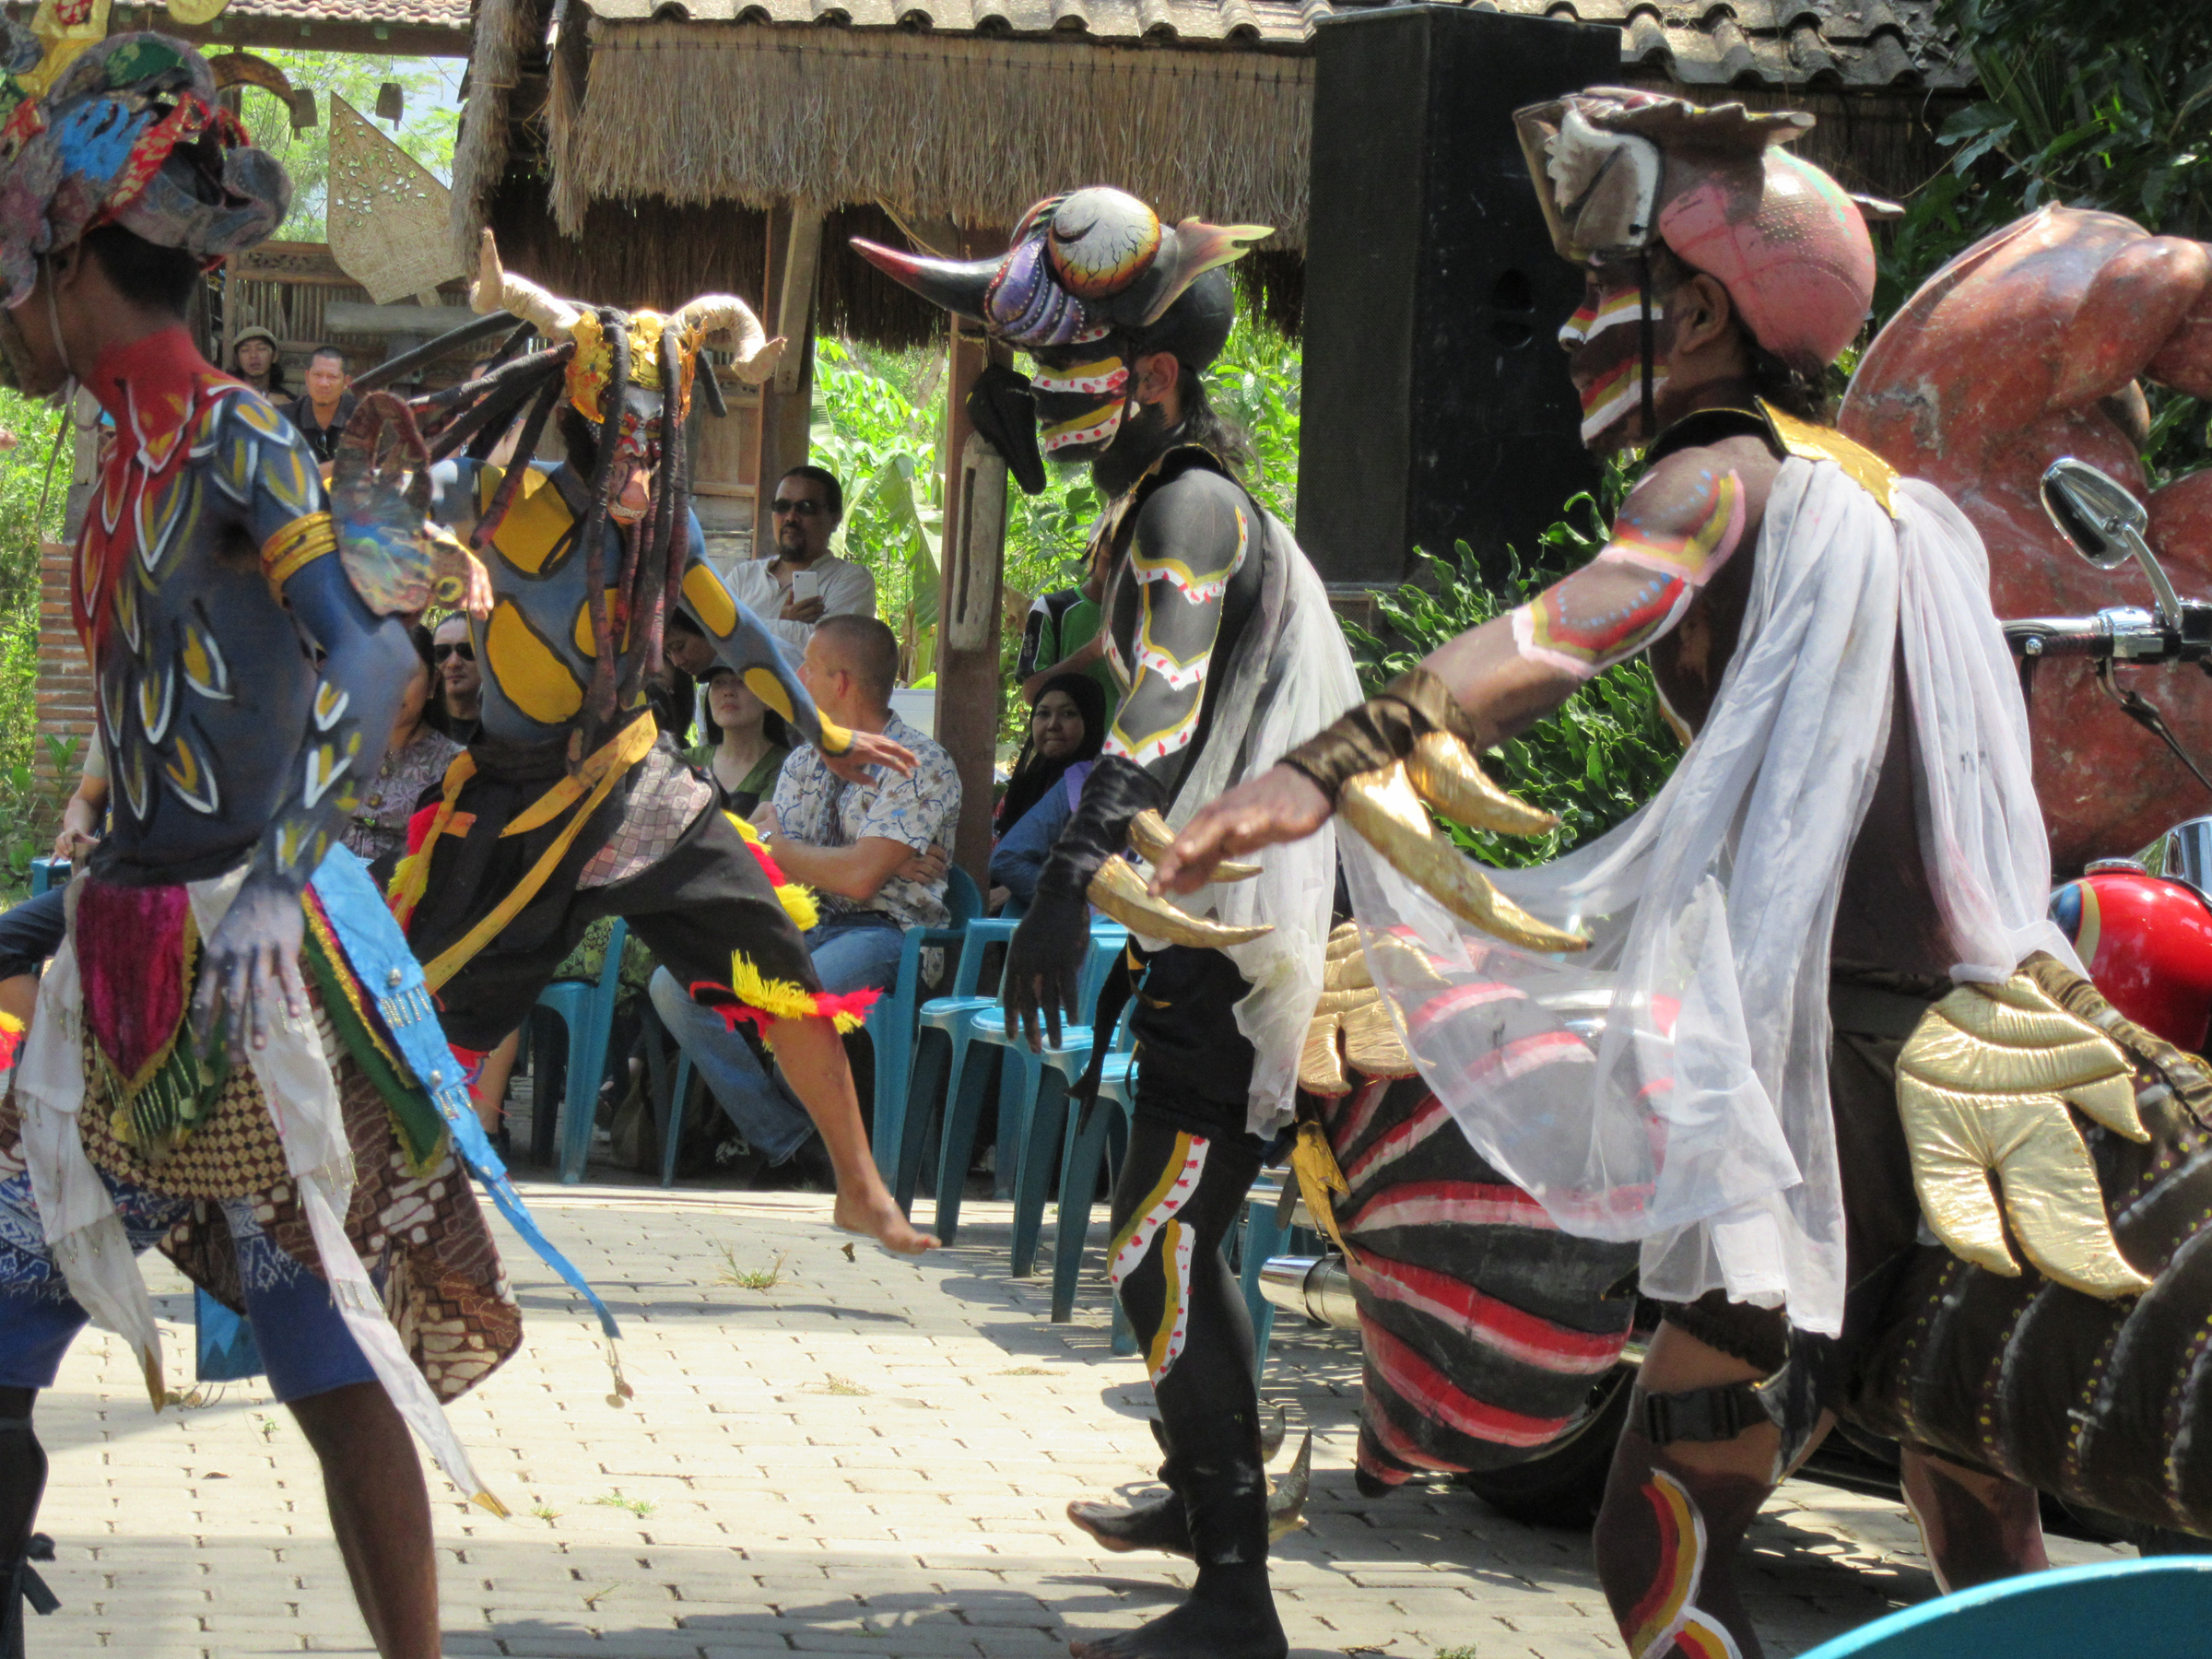 h_Limanjawi Art House_dancers 1.jpg